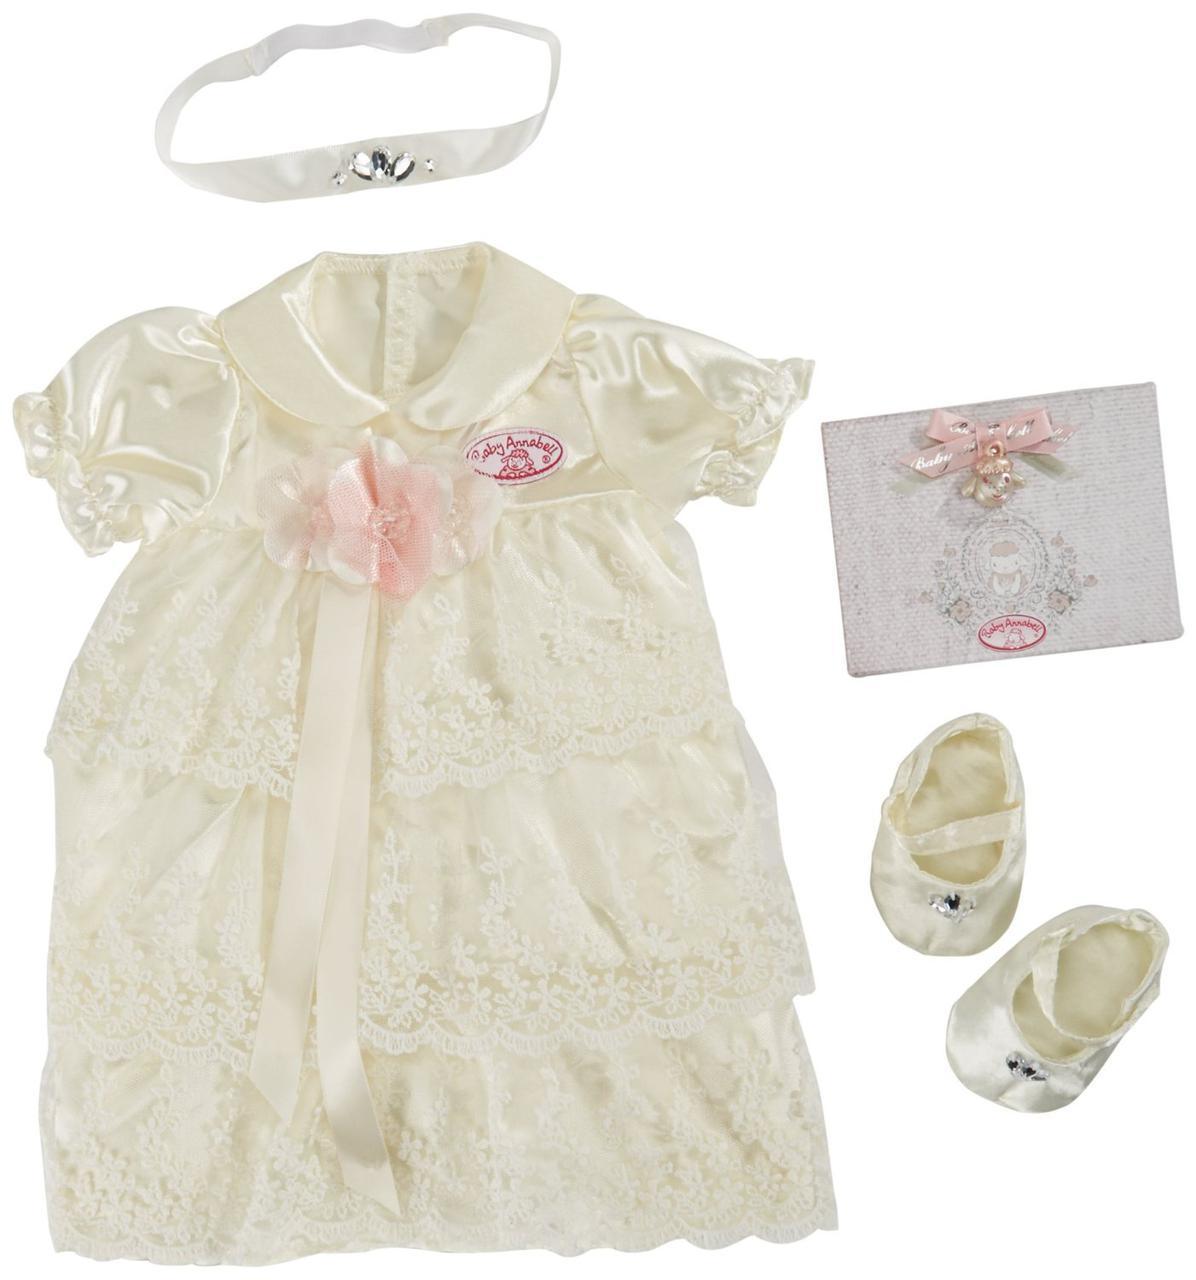 Baby Annabell Набор одежды для куклы Беби Анабель - Платье для крестин